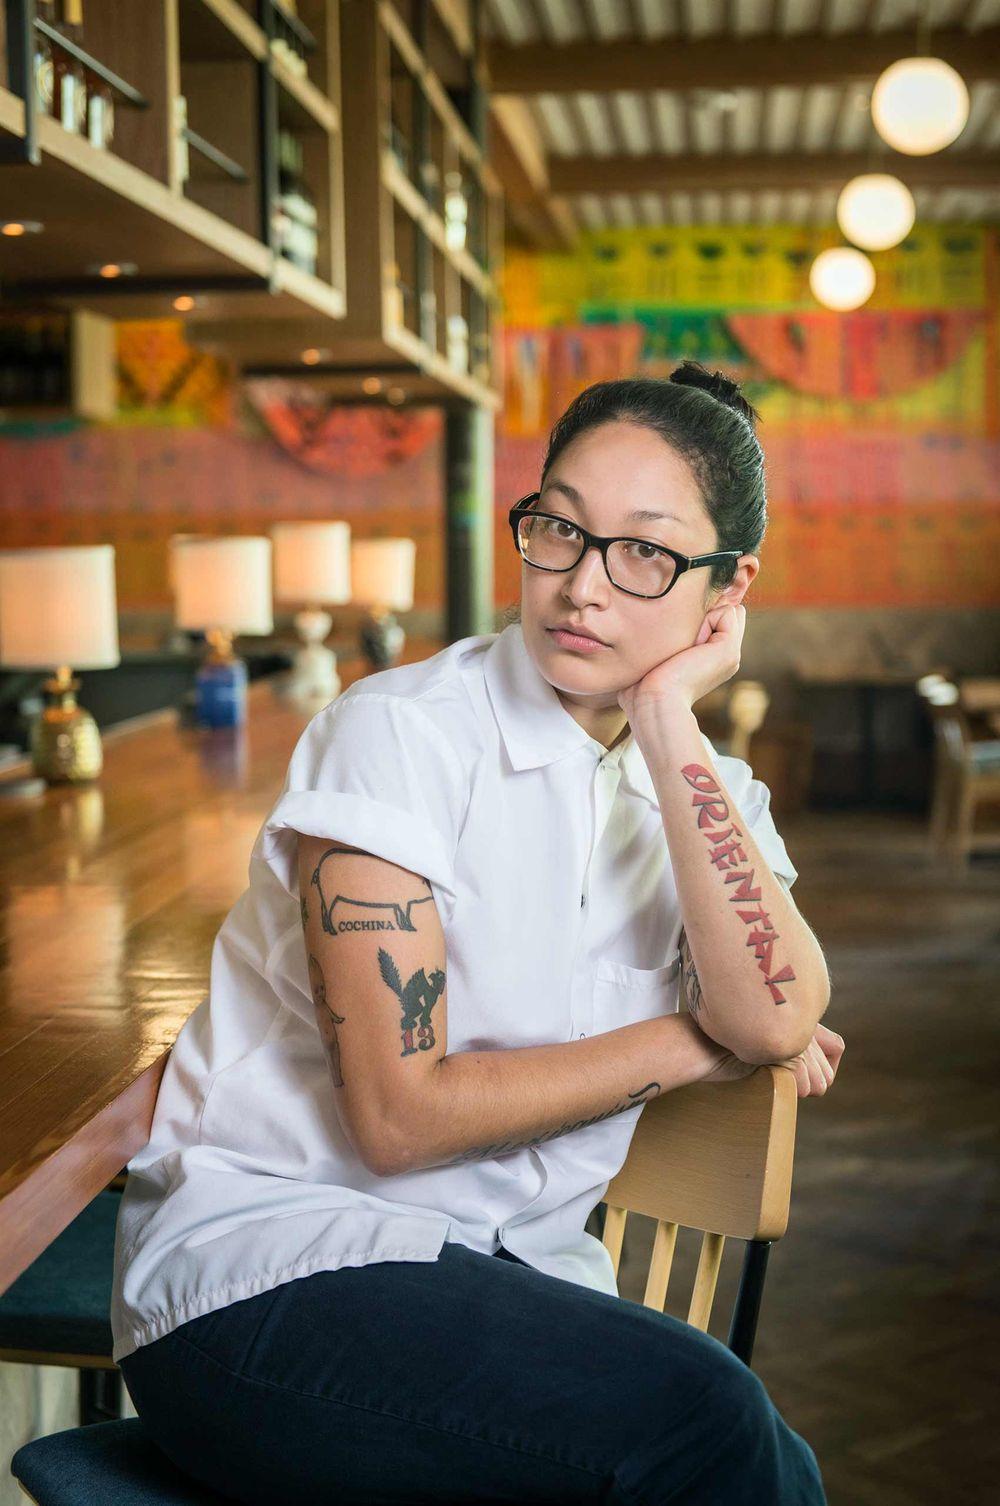 Chef-Angela-Hernandez-by-HenrikOlundPhotography.jpg